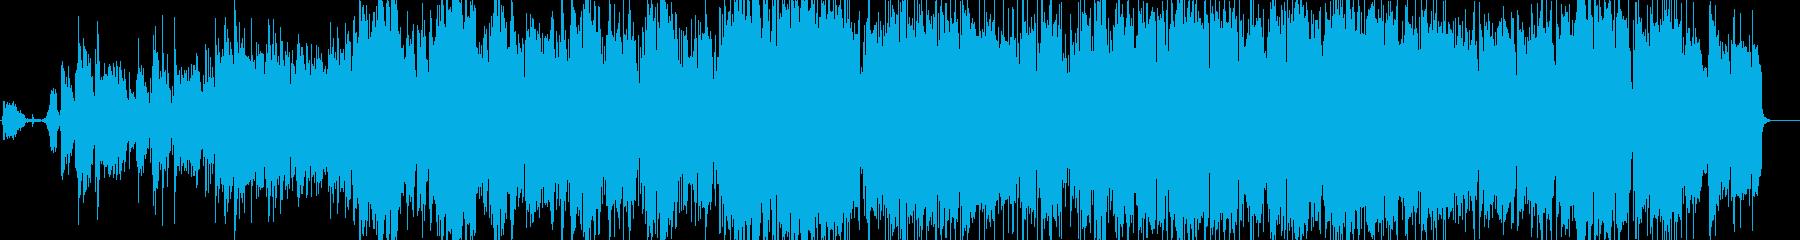 ピアノとストリングスが印象的なバラードの再生済みの波形